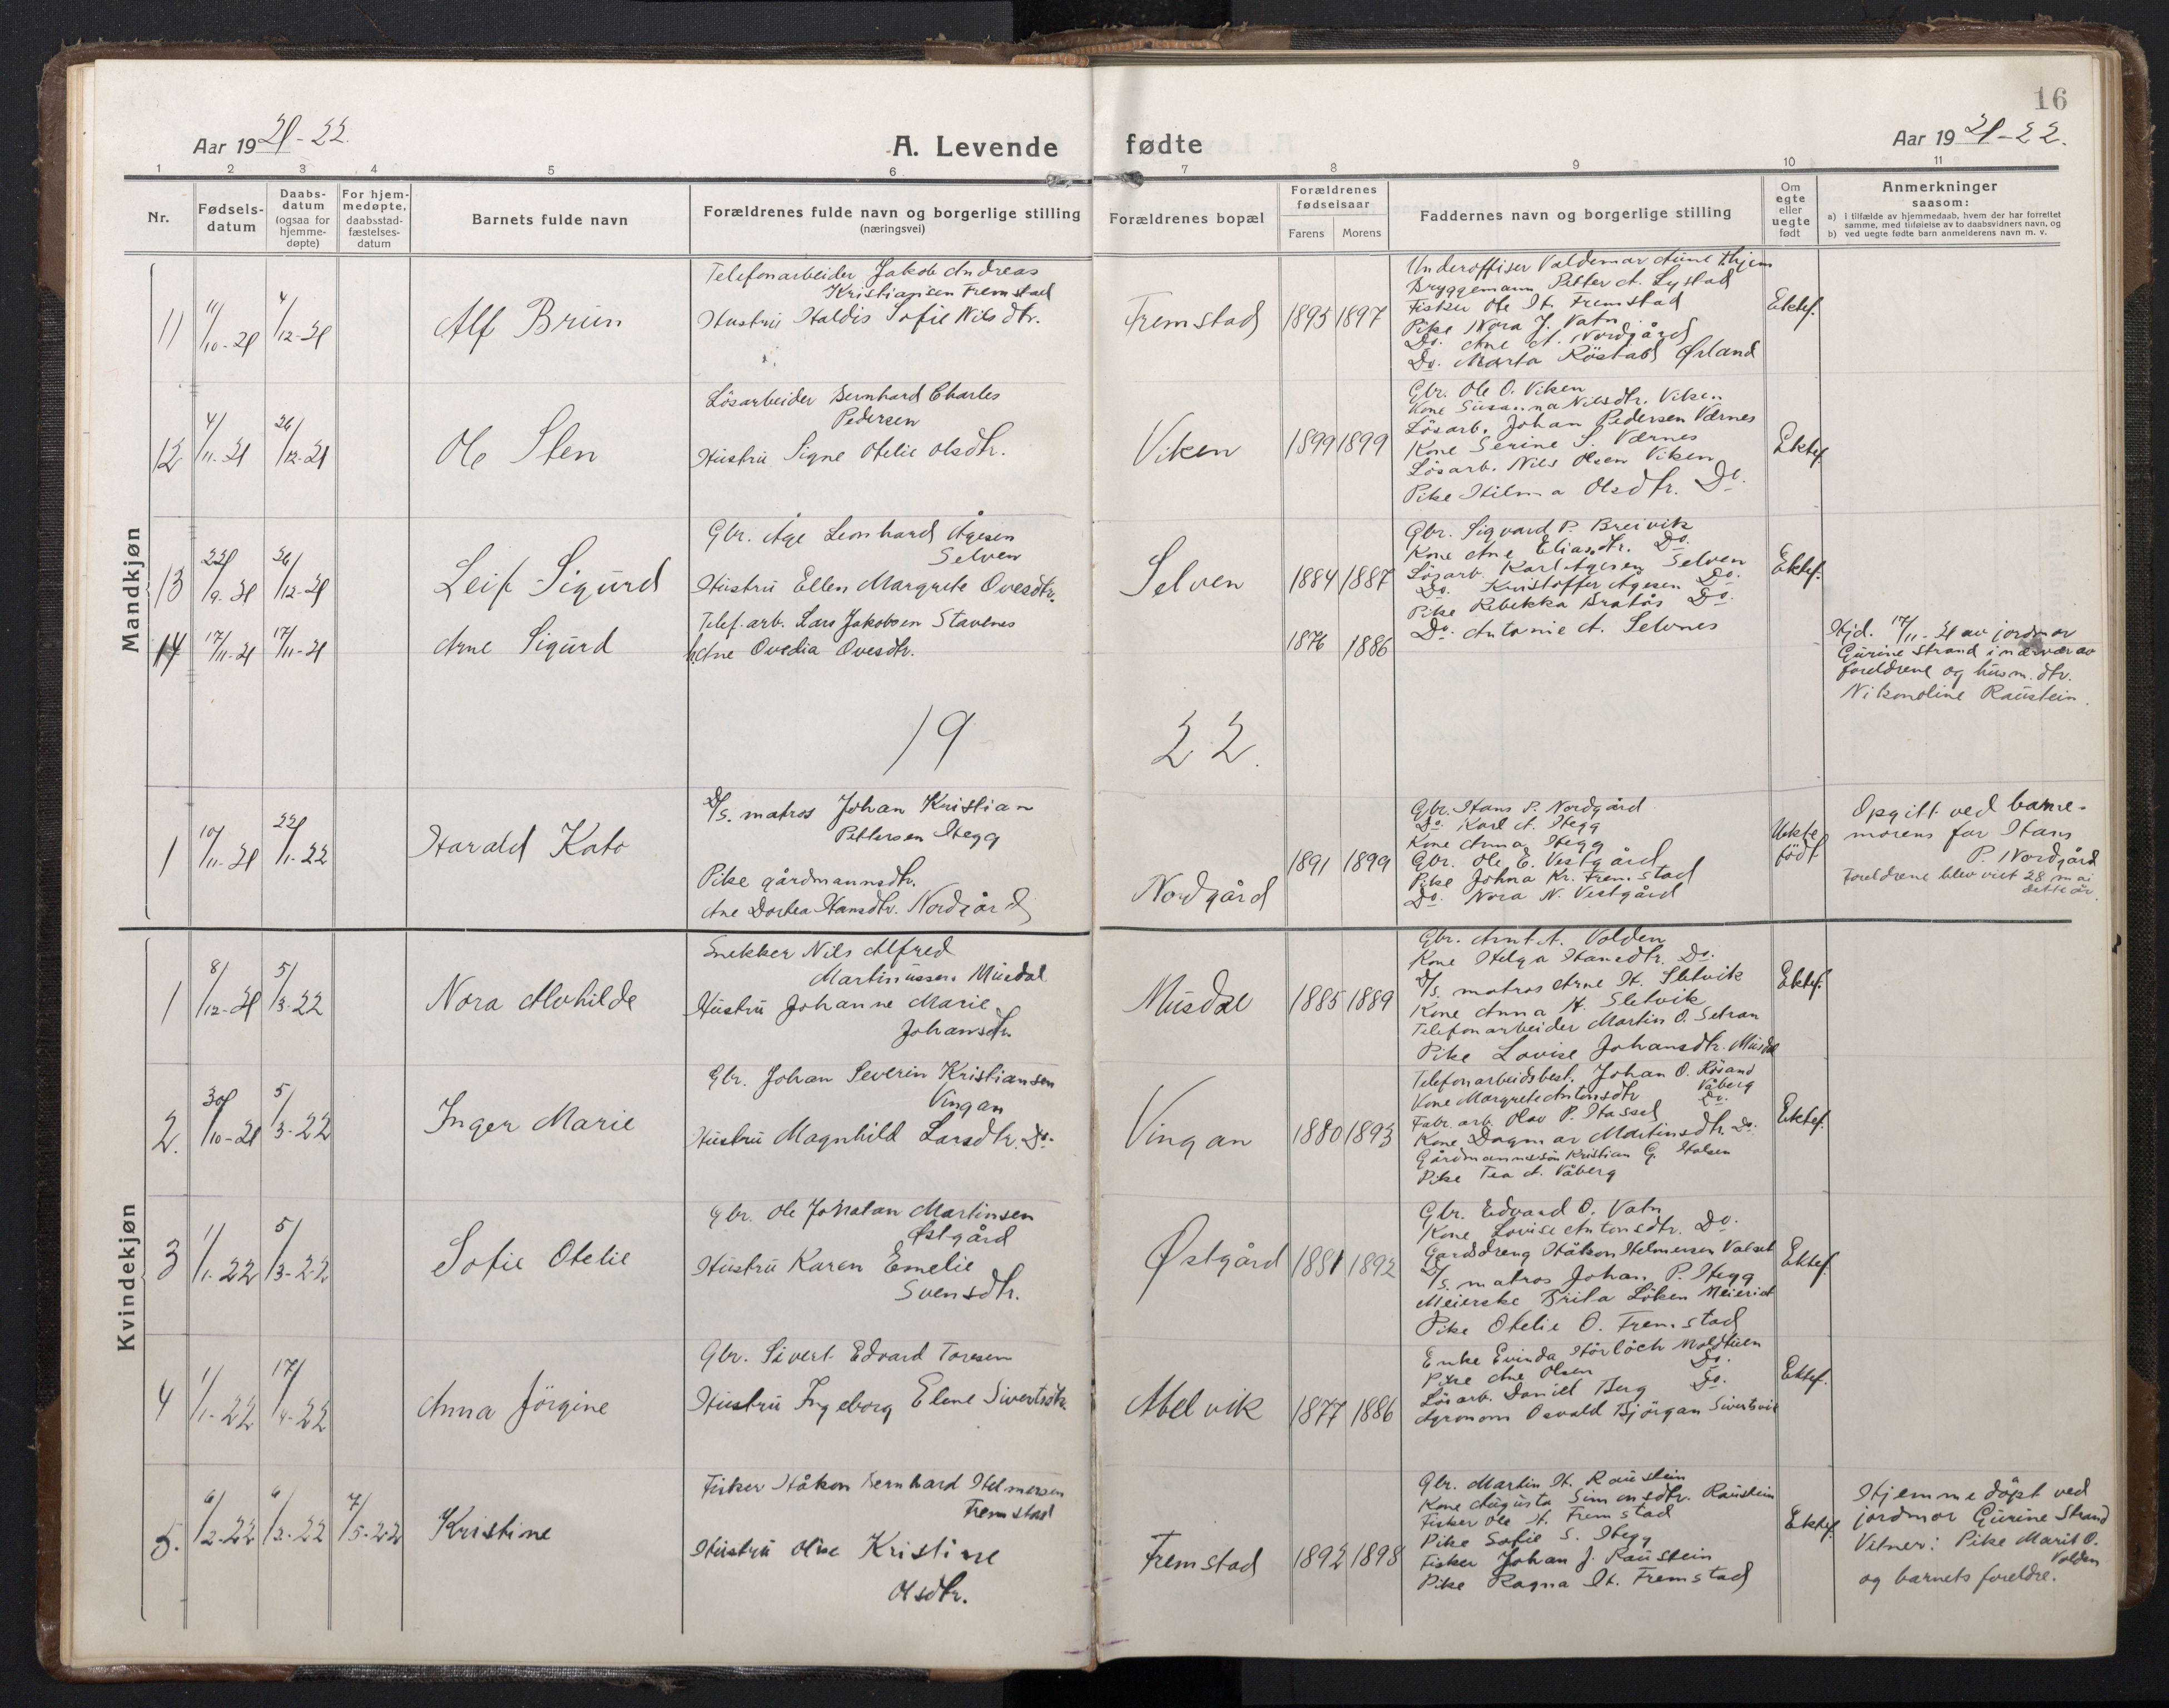 SAT, Ministerialprotokoller, klokkerbøker og fødselsregistre - Sør-Trøndelag, 662/L0758: Klokkerbok nr. 662C03, 1918-1948, s. 16